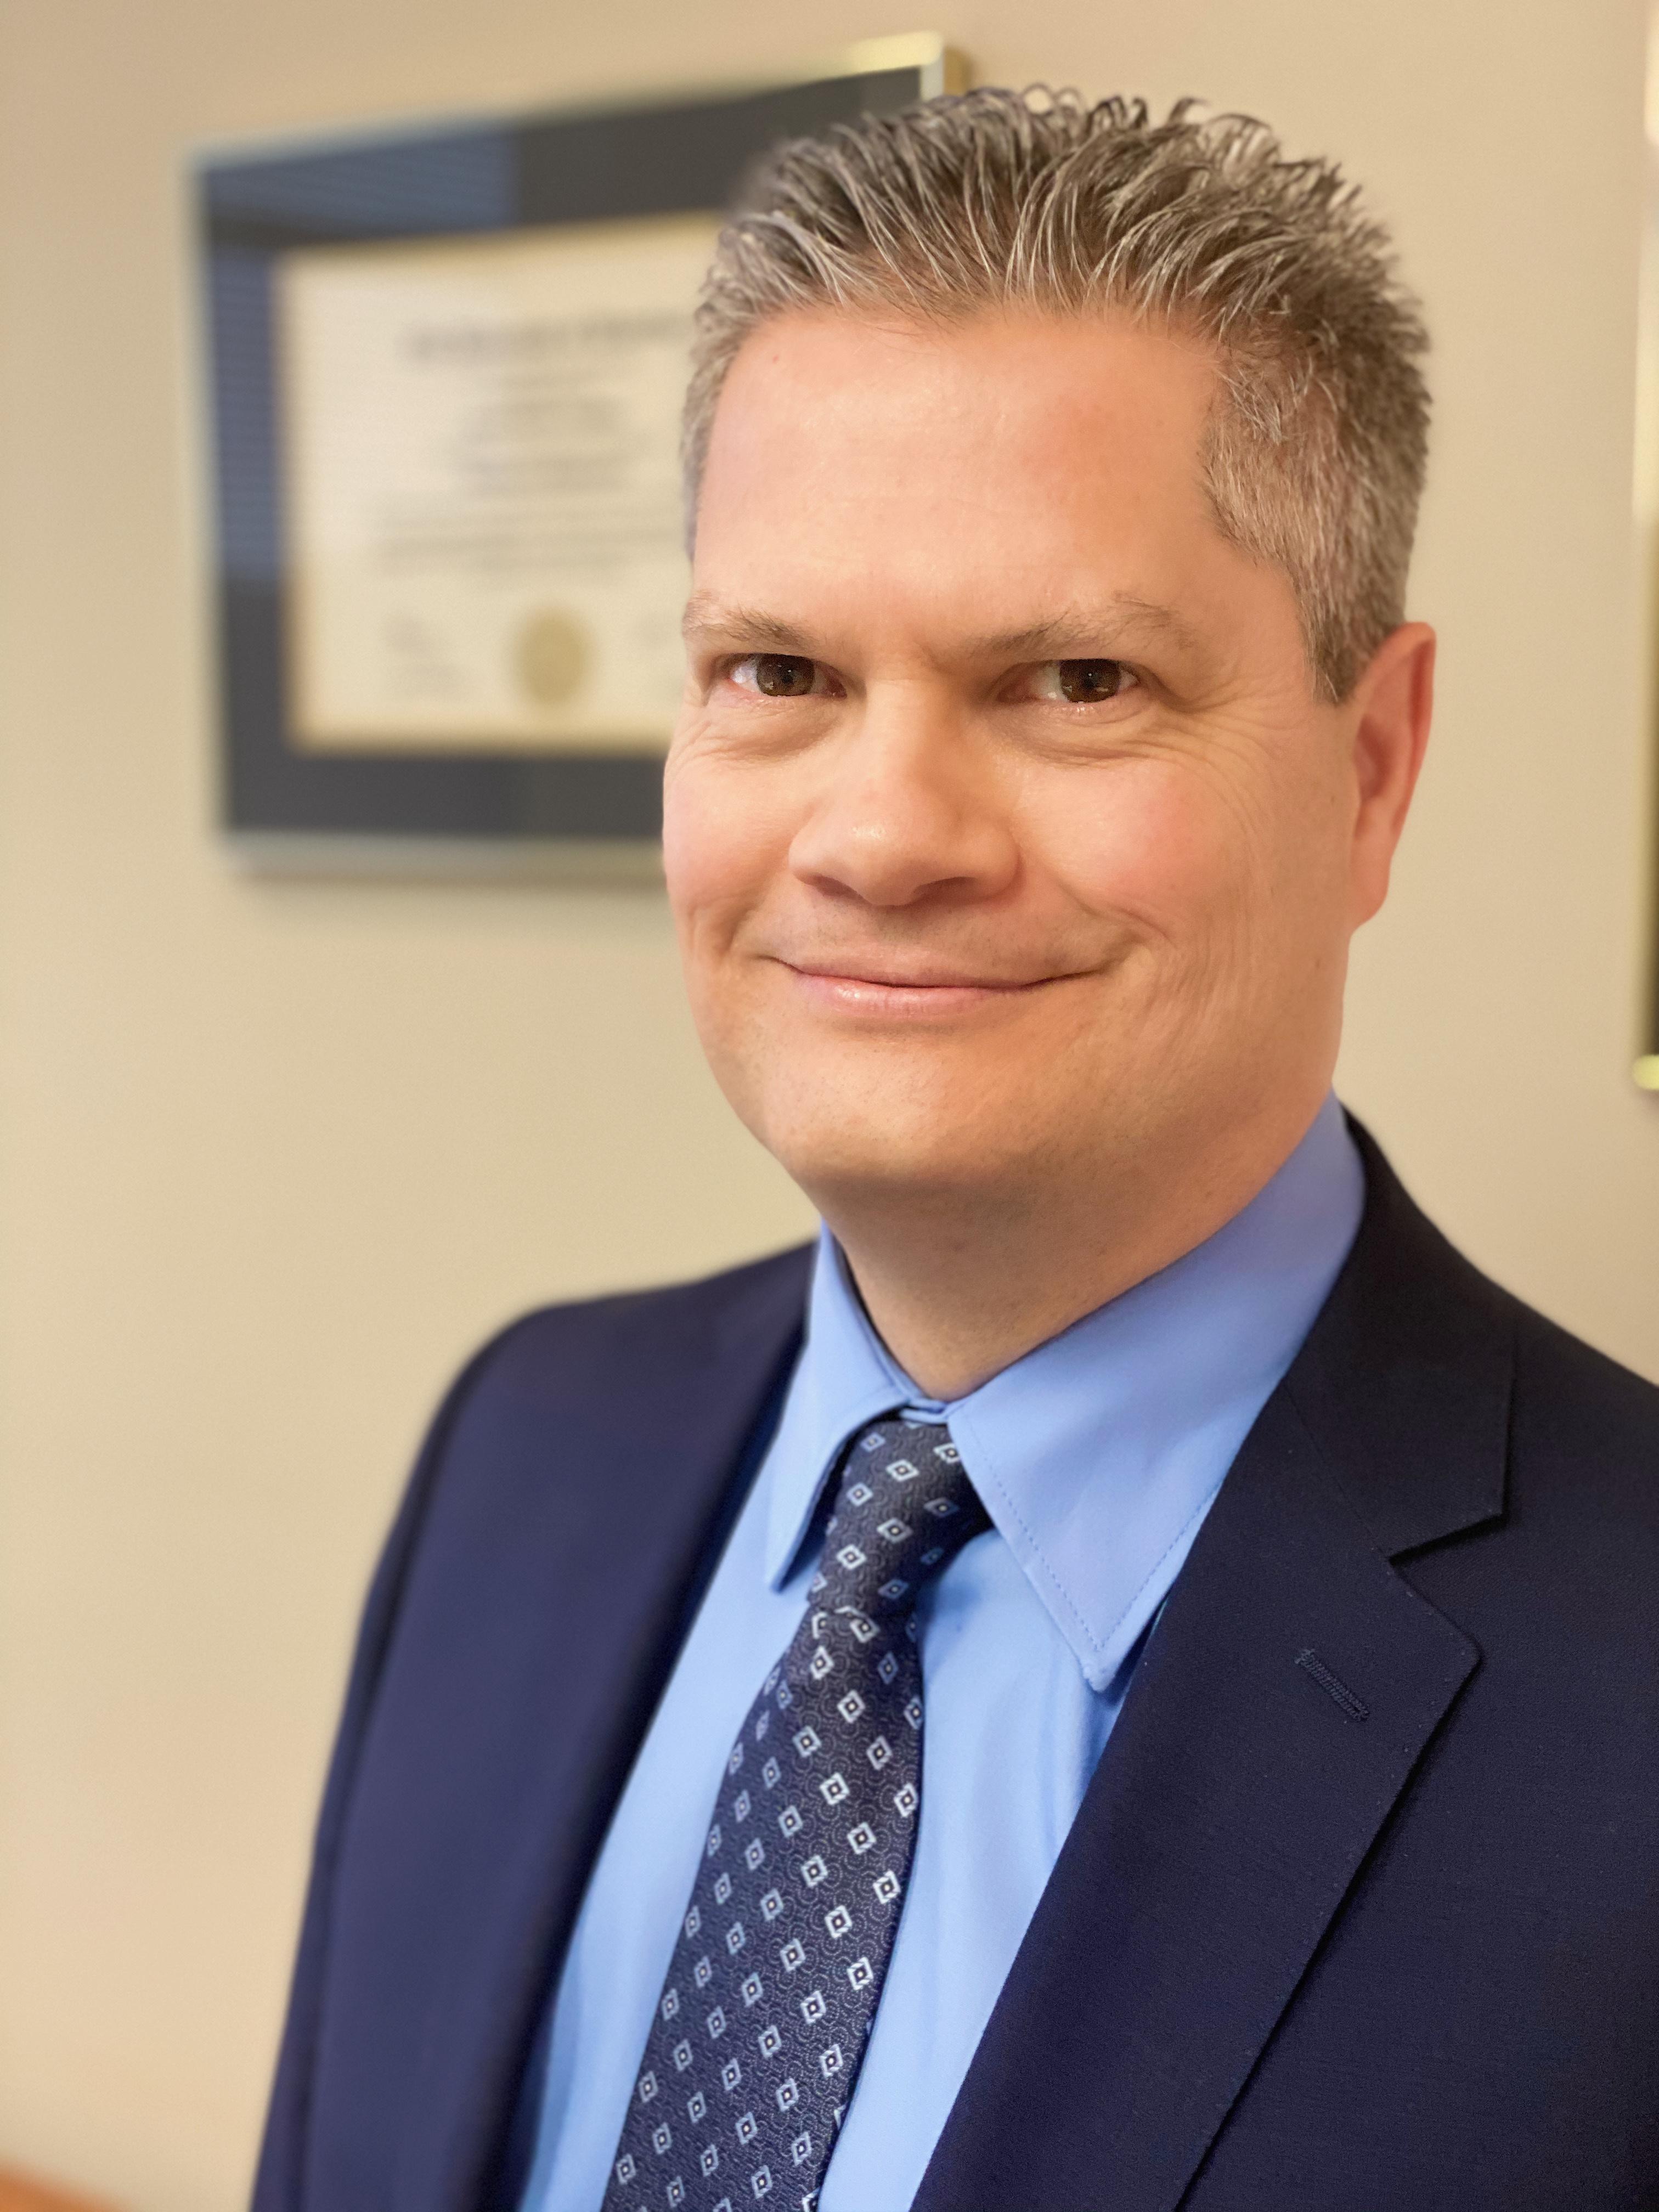 Derek A. Leighton, CPA, CA